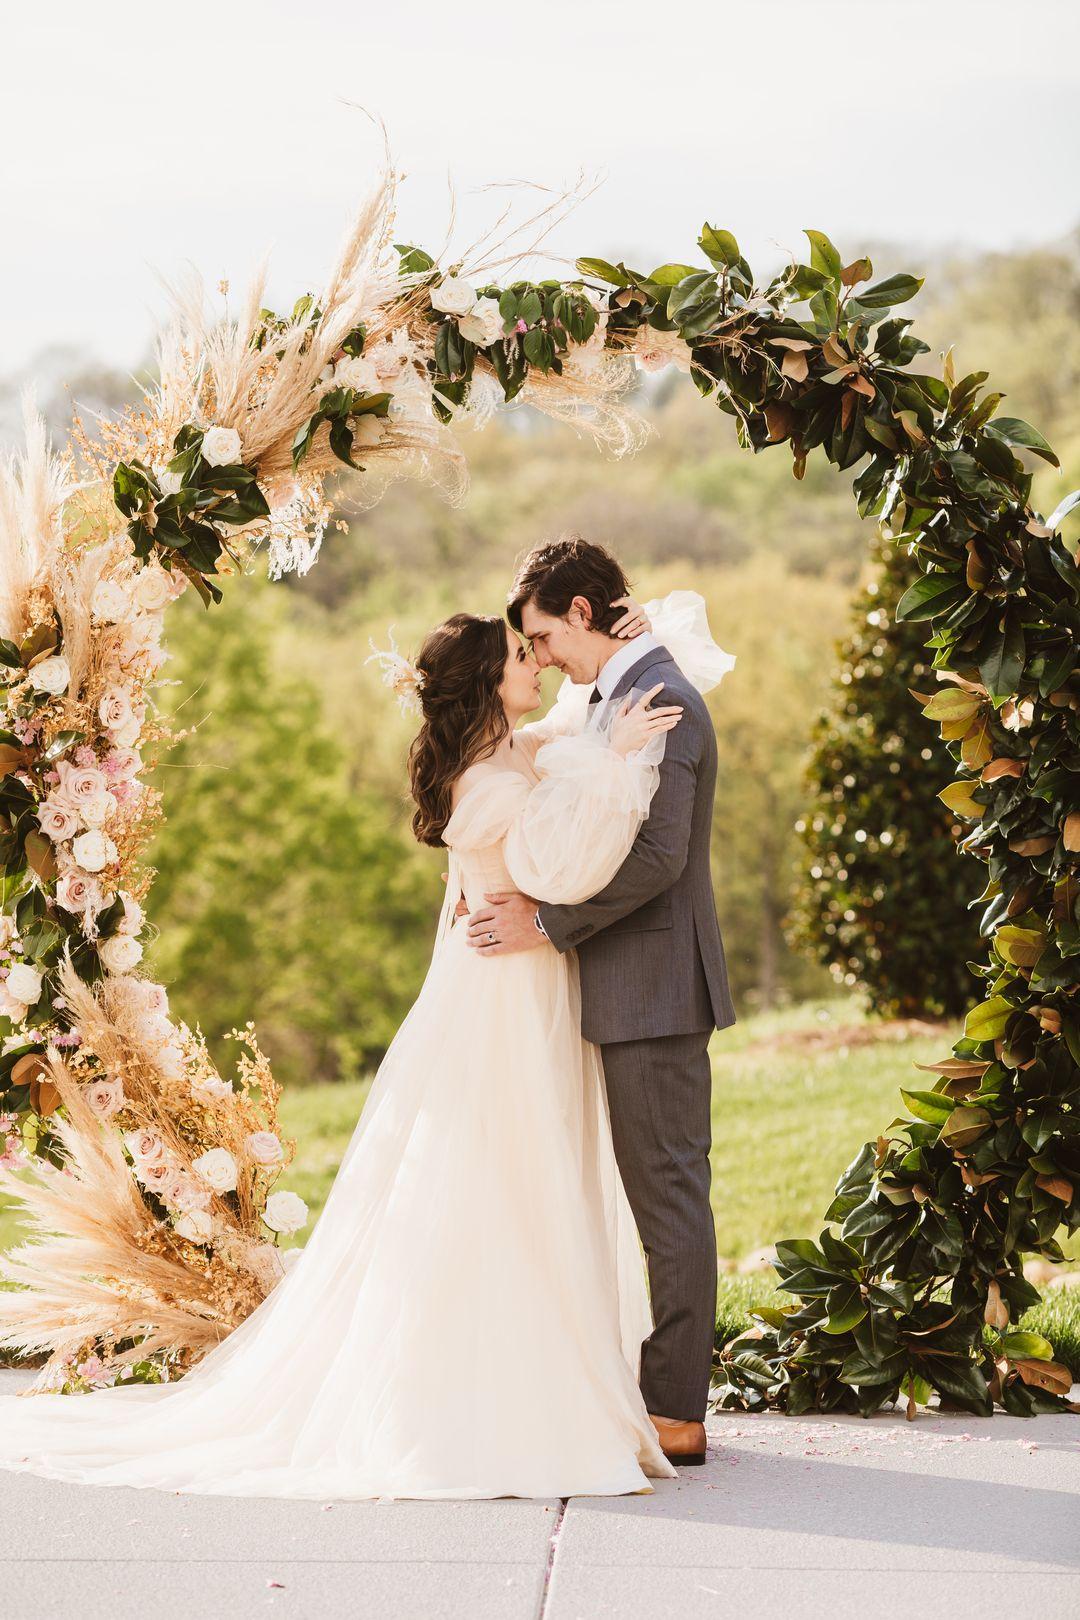 wedding backdrop at the barn at Cranford Hollow